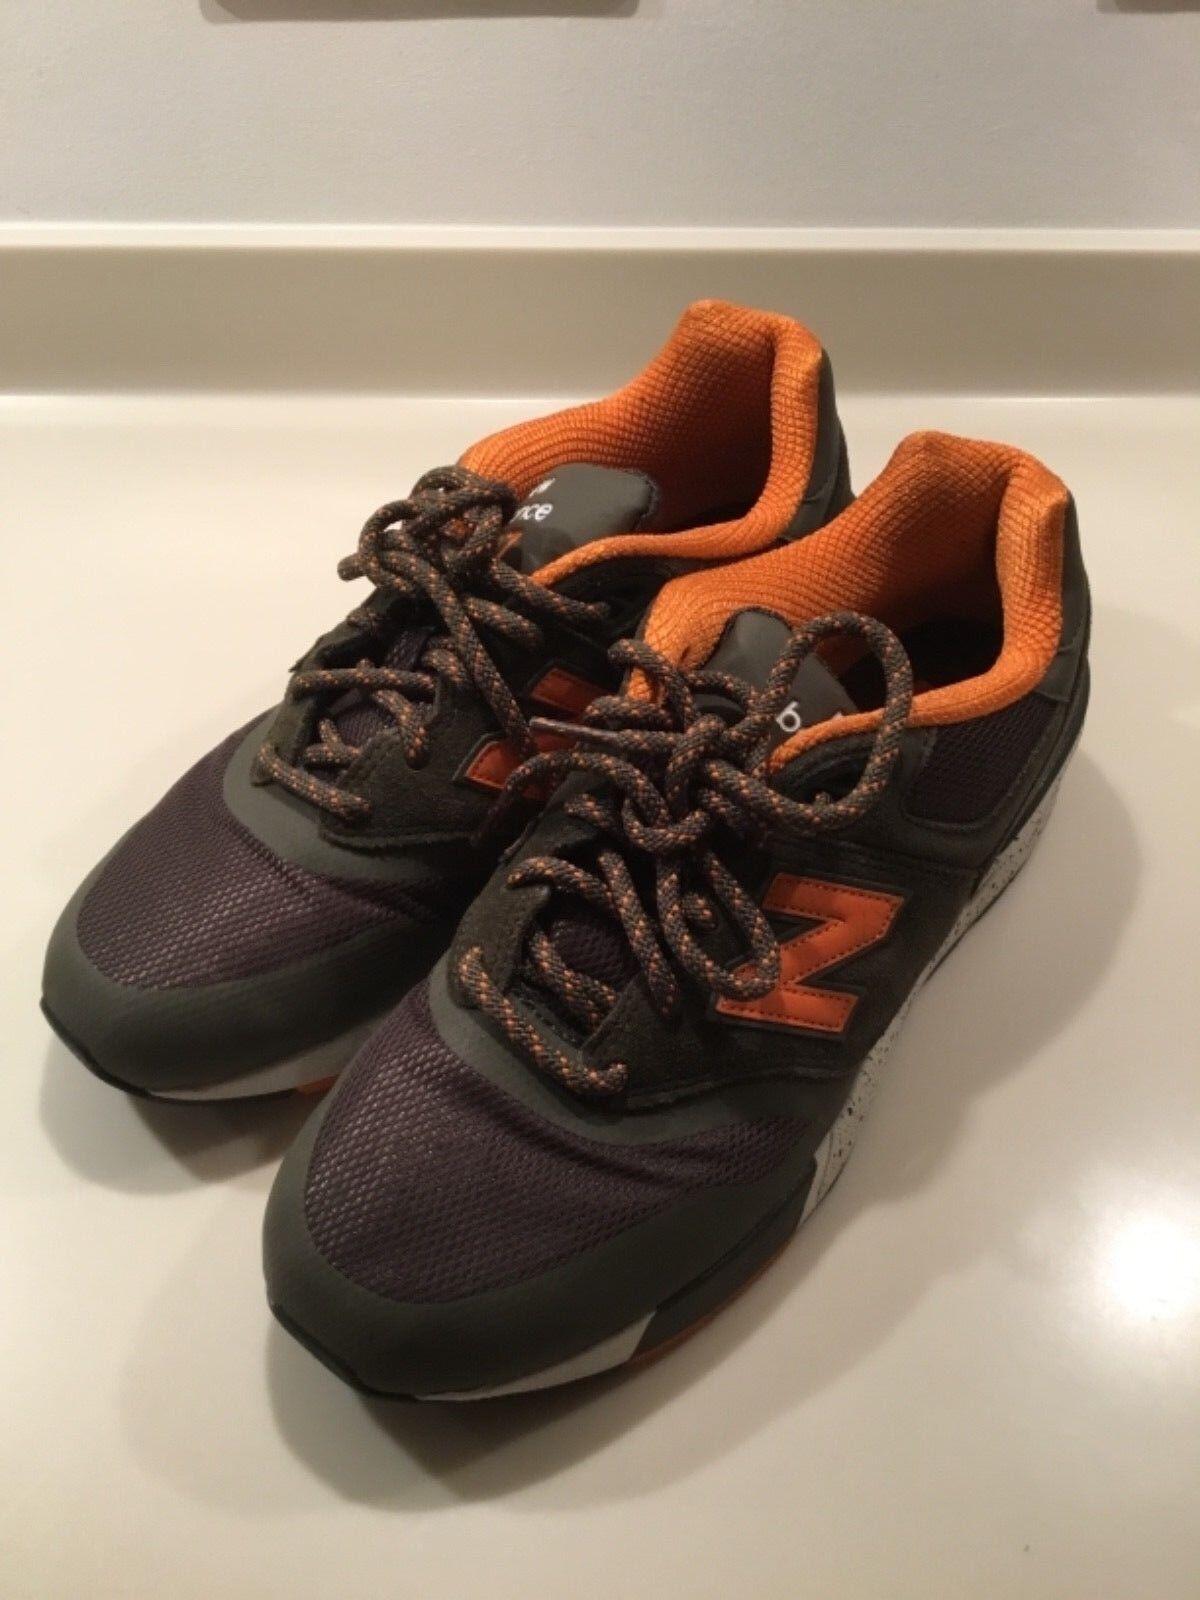 Mens Größe 9 New Balance 597 Trainers Khaki Grün Orange Worn Twice